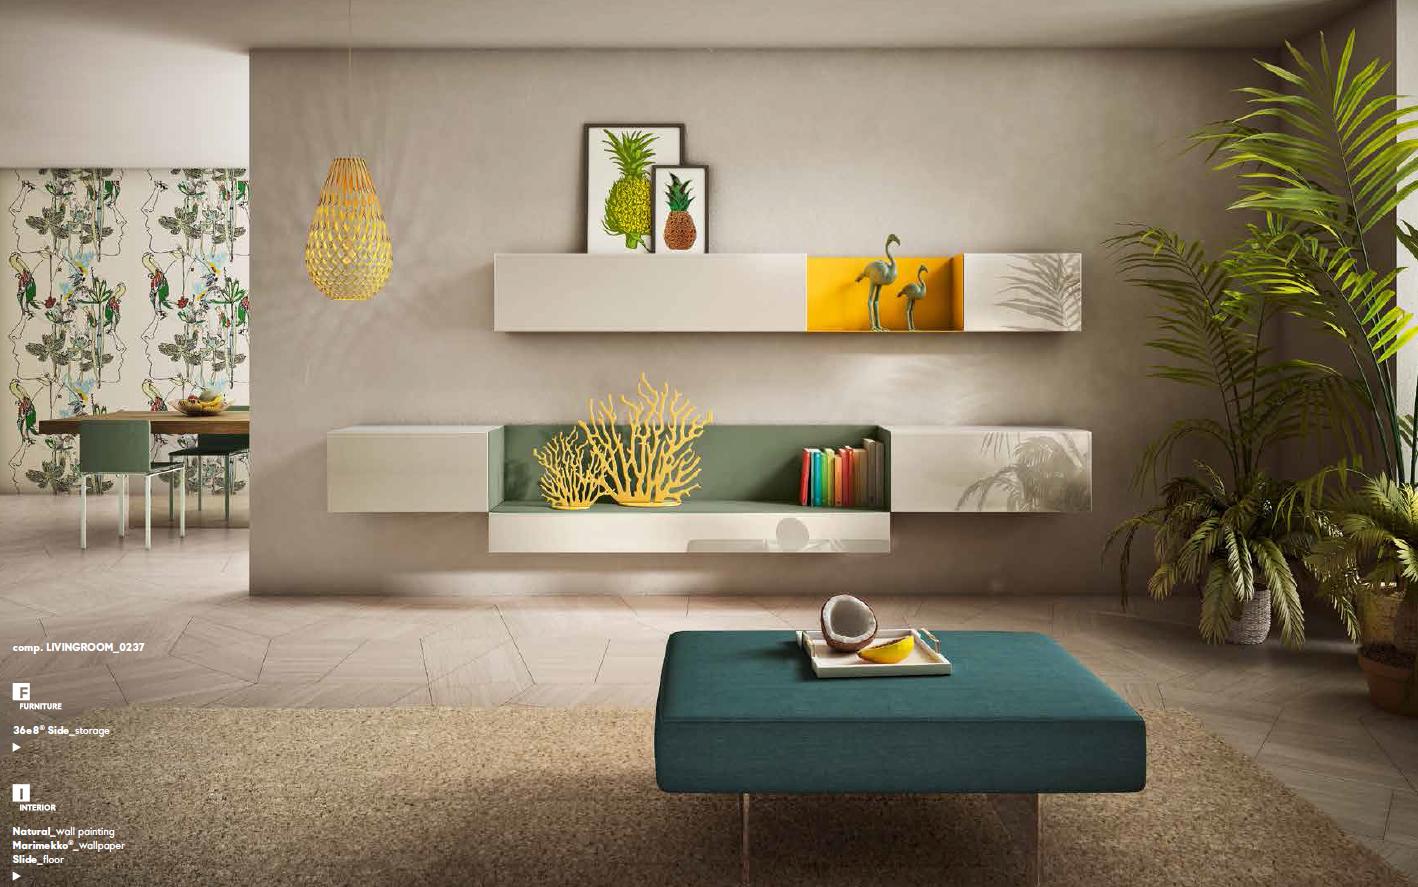 Composition Meuble Tv Avec Niche En Verre Colore Salvia Et Pouf Air En Lin Mettezduvertdansladeco Lago Ver Mobilier De Salon Mobilier Design Canape Design